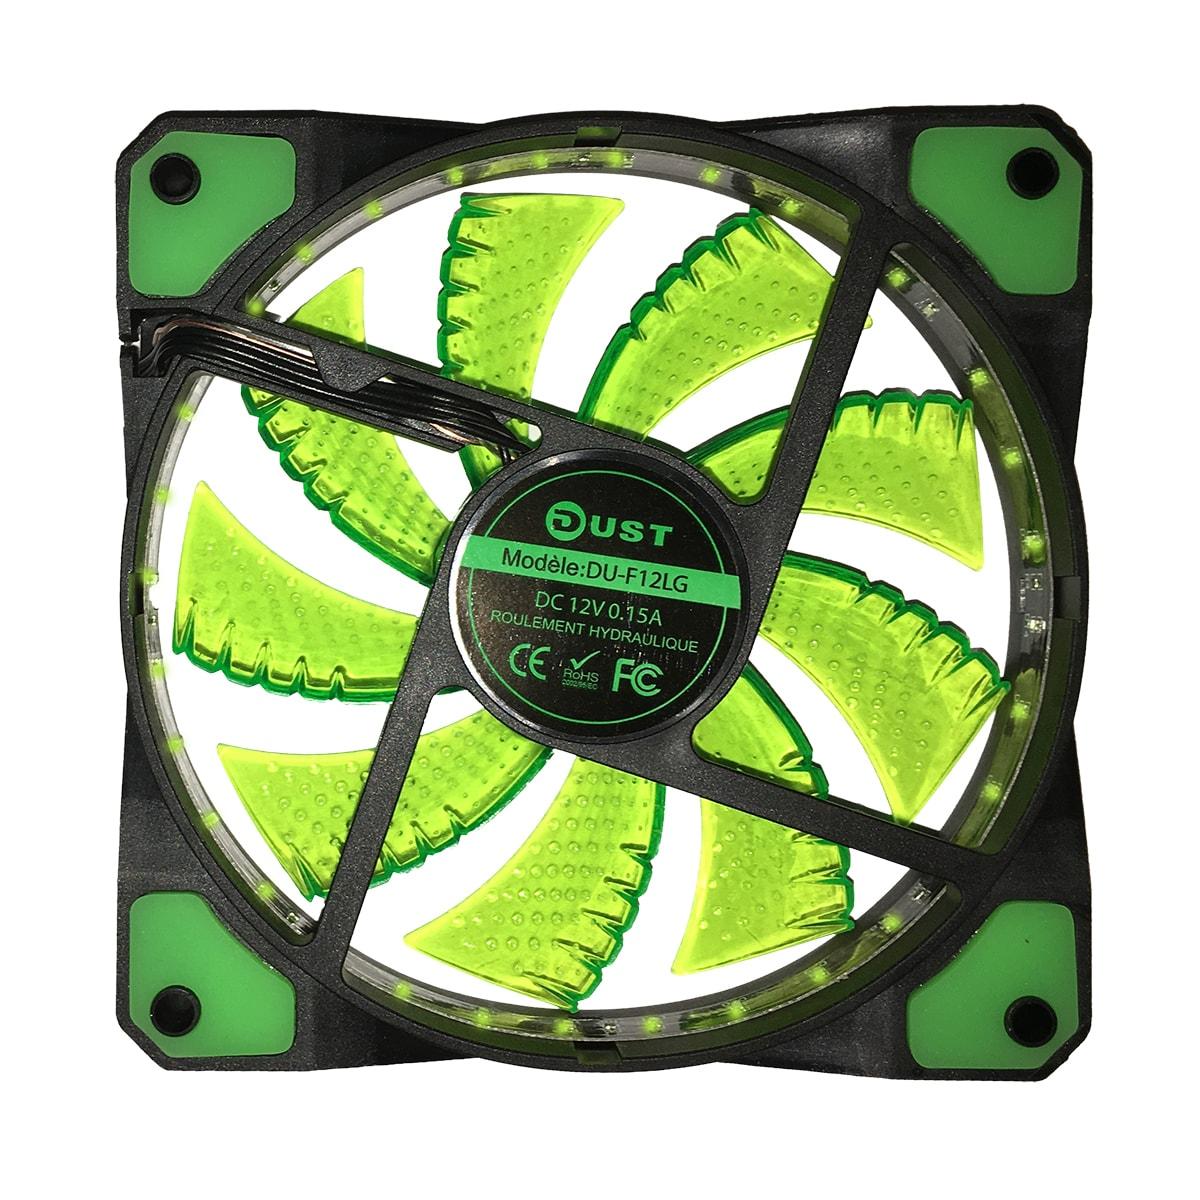 DUST DU-F12LG Ventilateur lumineux 12cm 32 LED Vertes - Ventilateur boîtier - 0